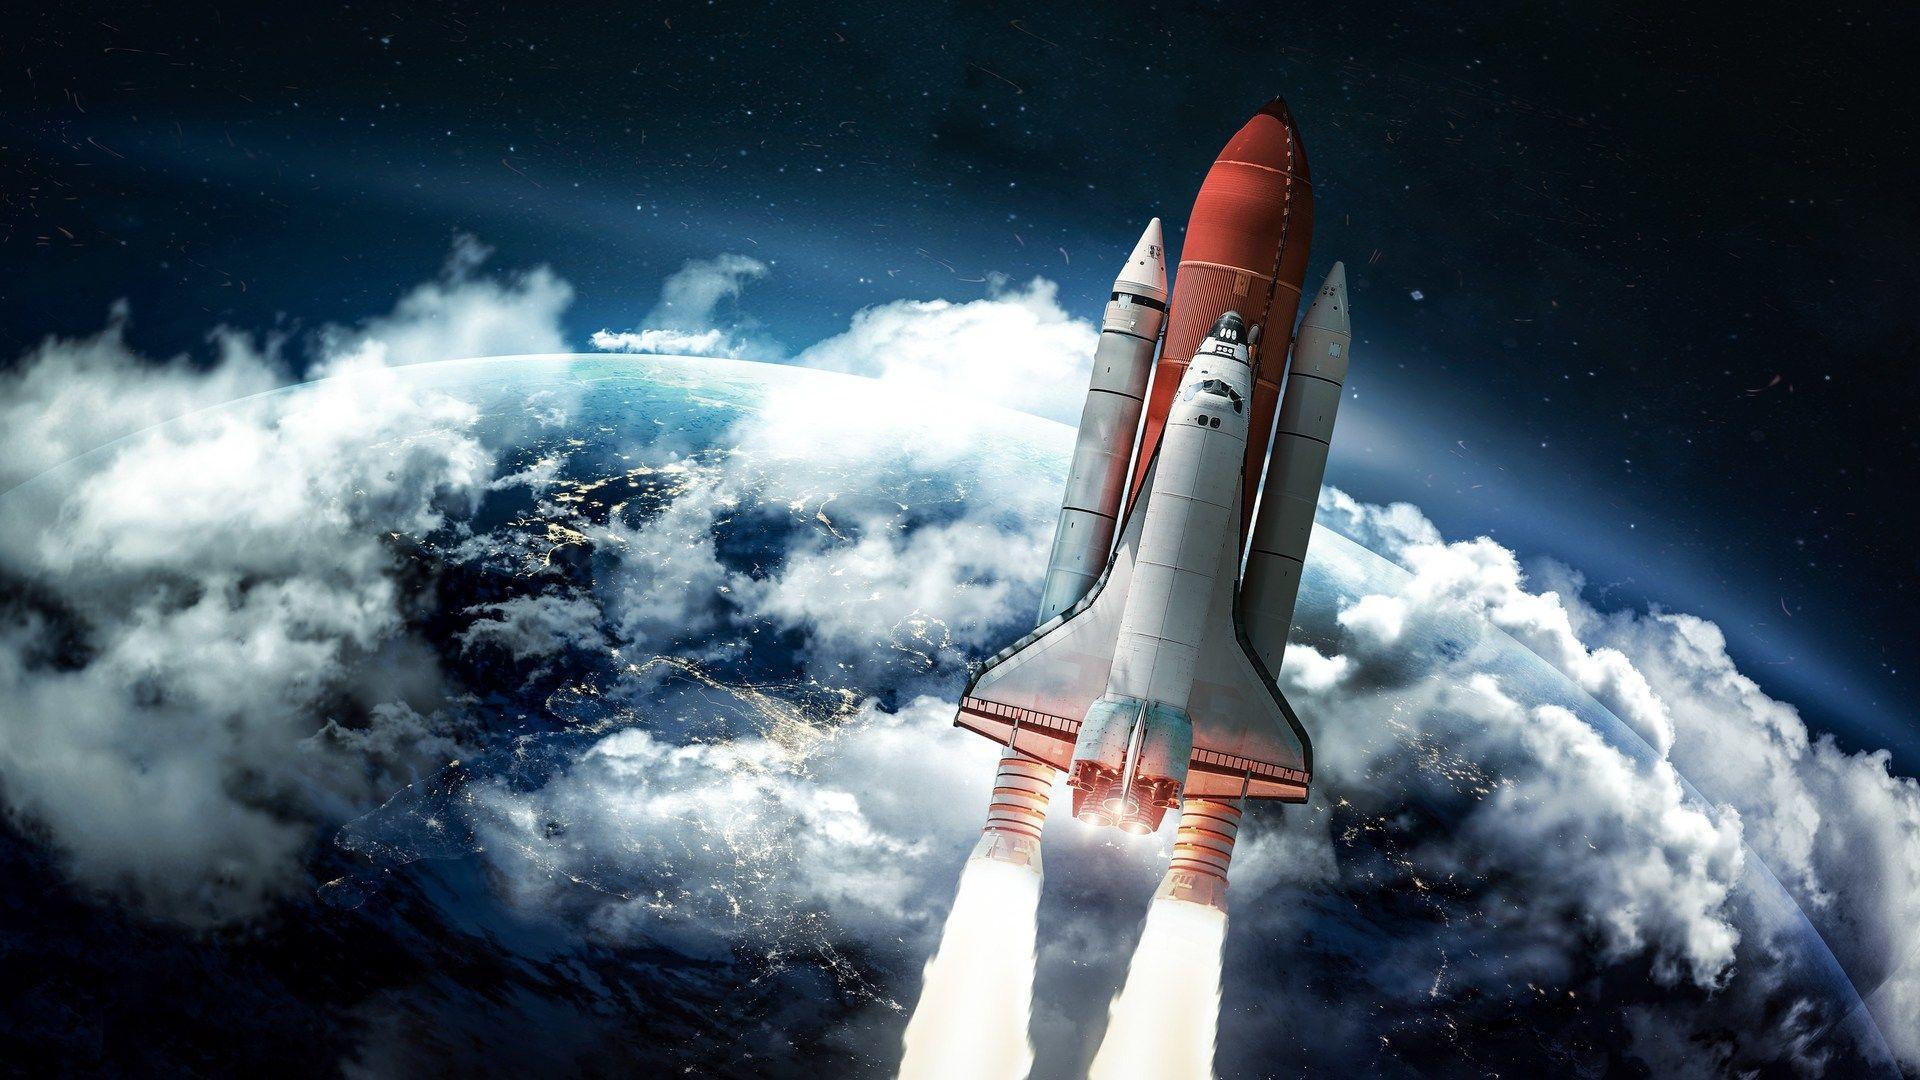 картинки космос ракеты одиночество